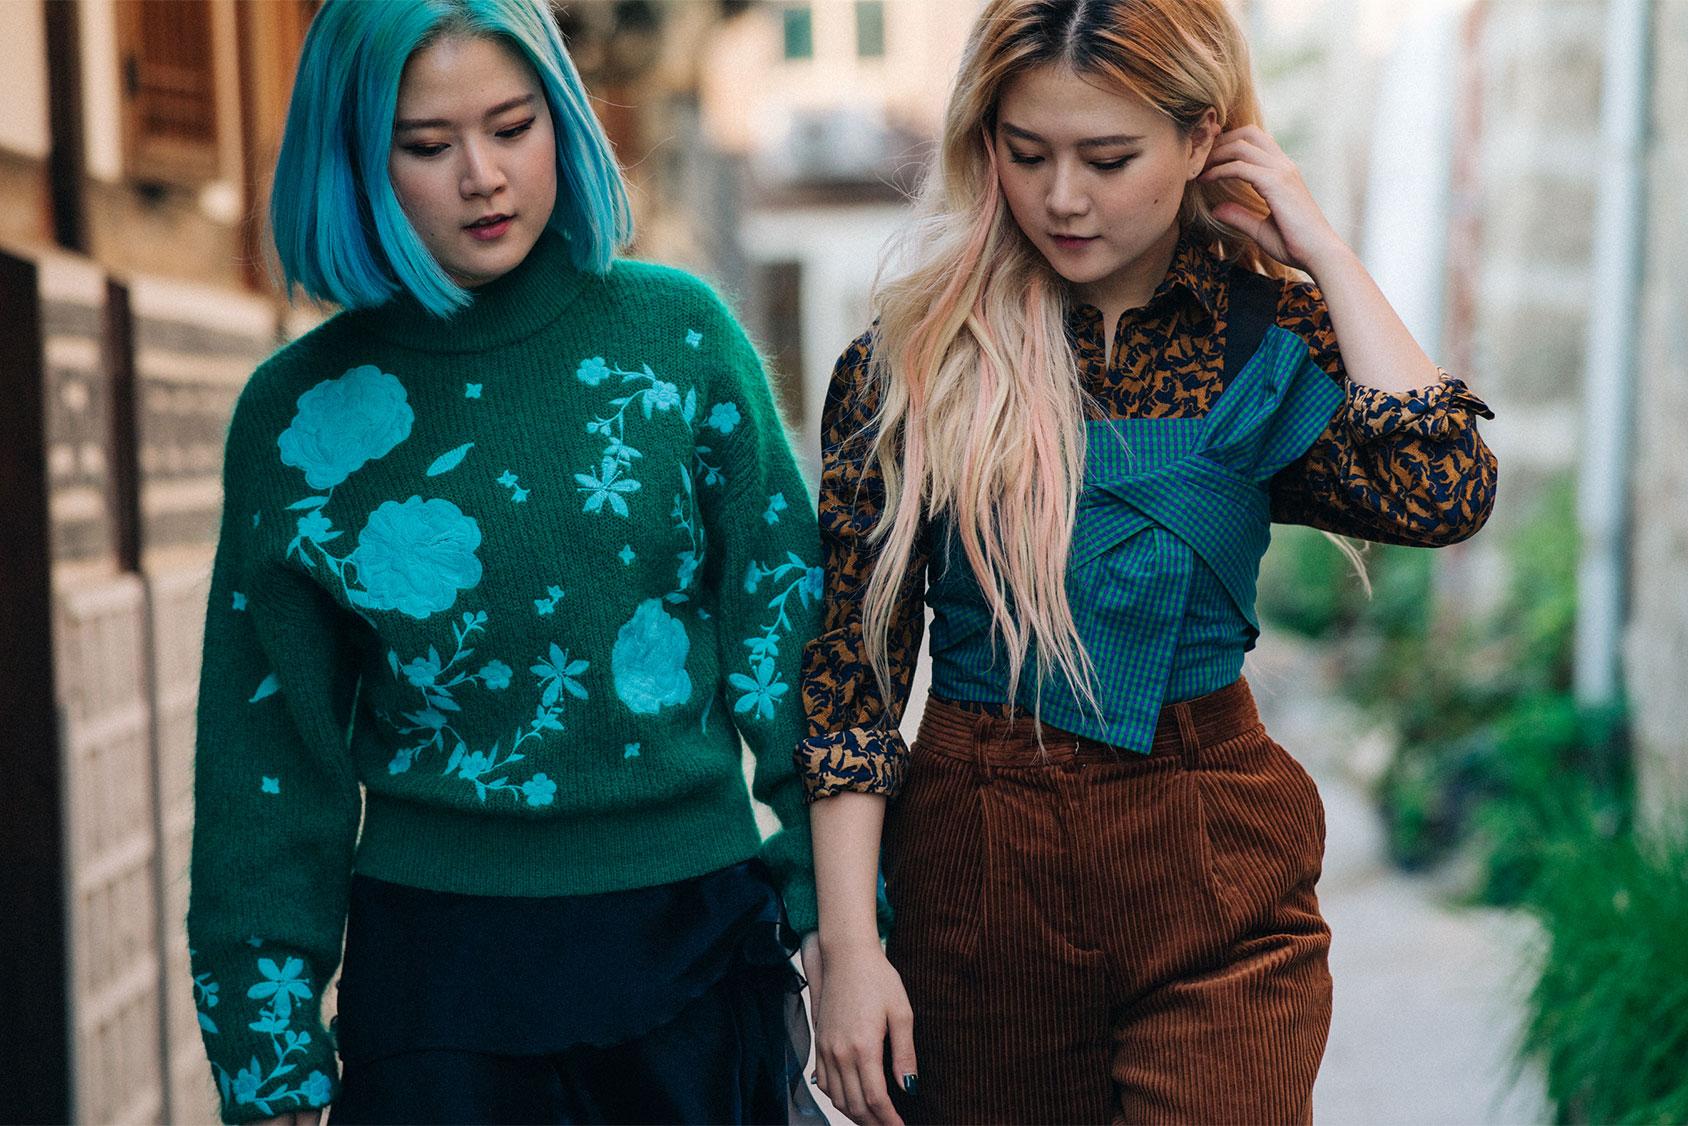 H&M Seoul